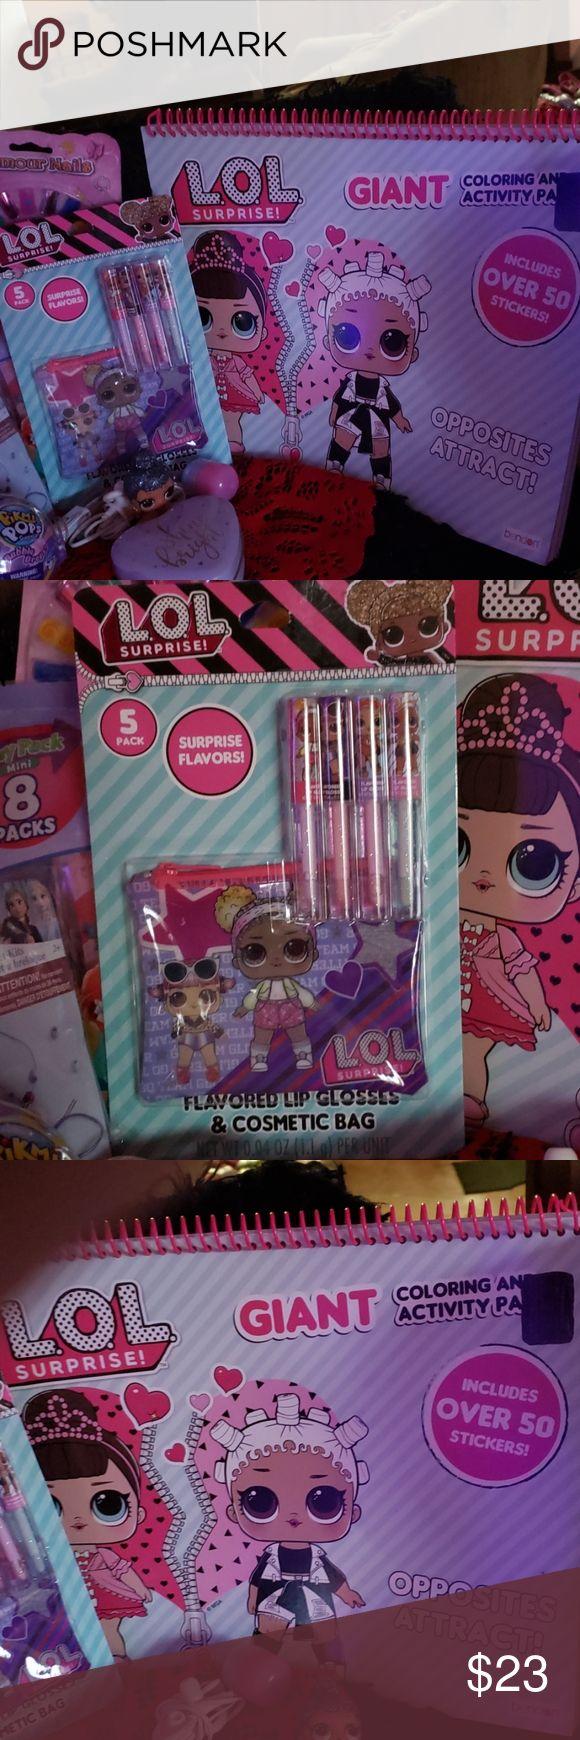 Lol surprise bundle ×2 items nwt Color activities, Lol